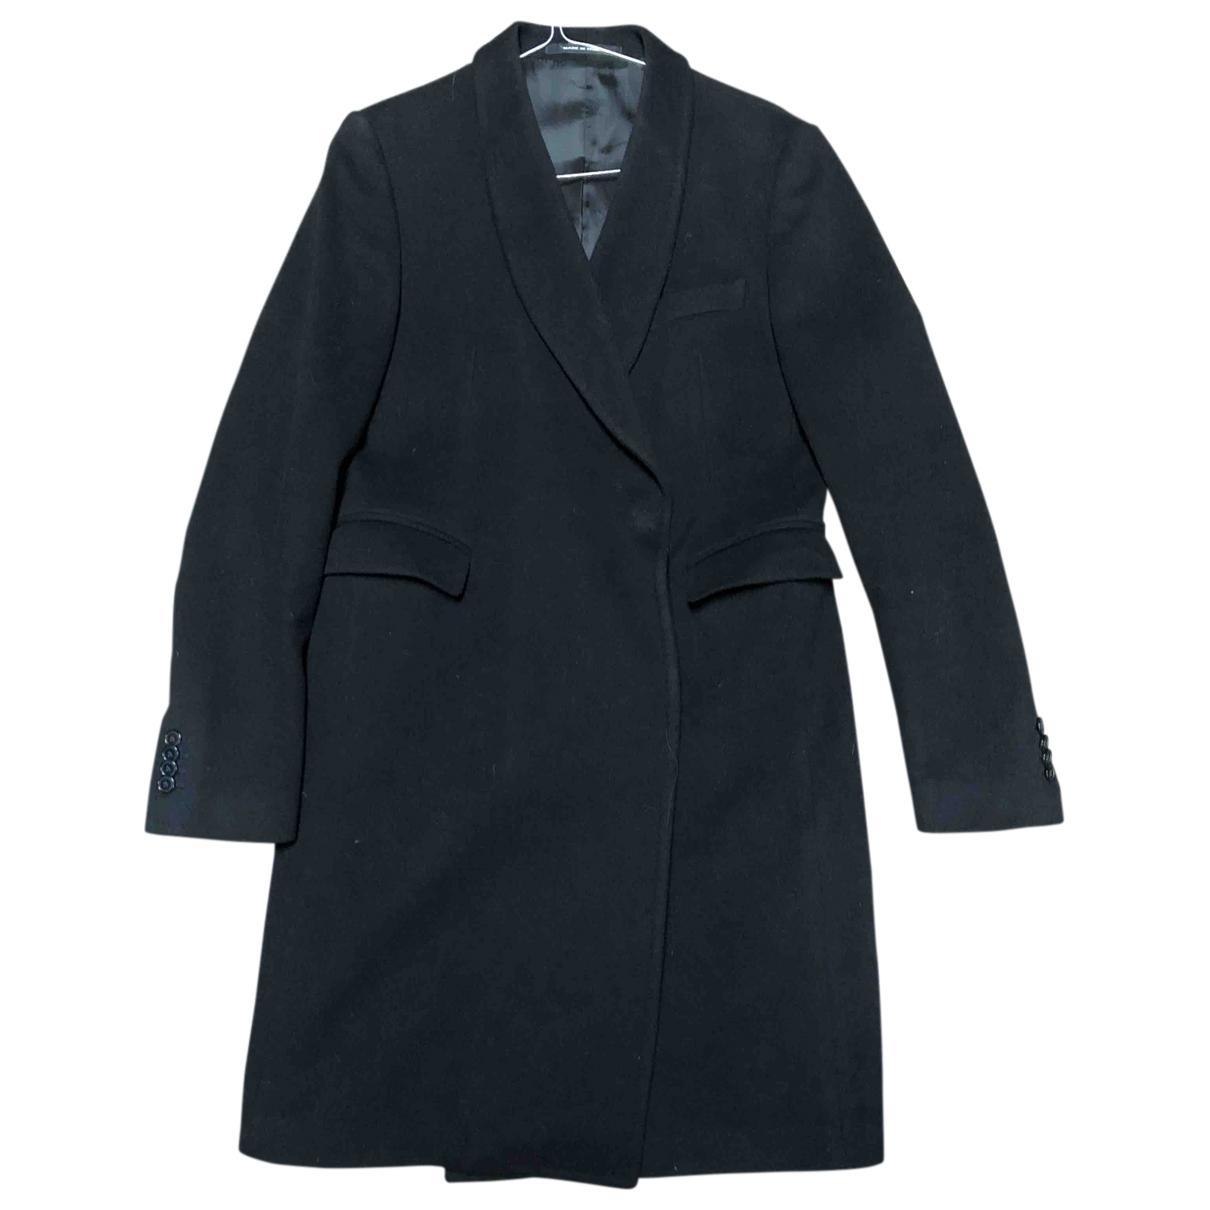 Tagliatore - Manteau   pour femme en laine - noir